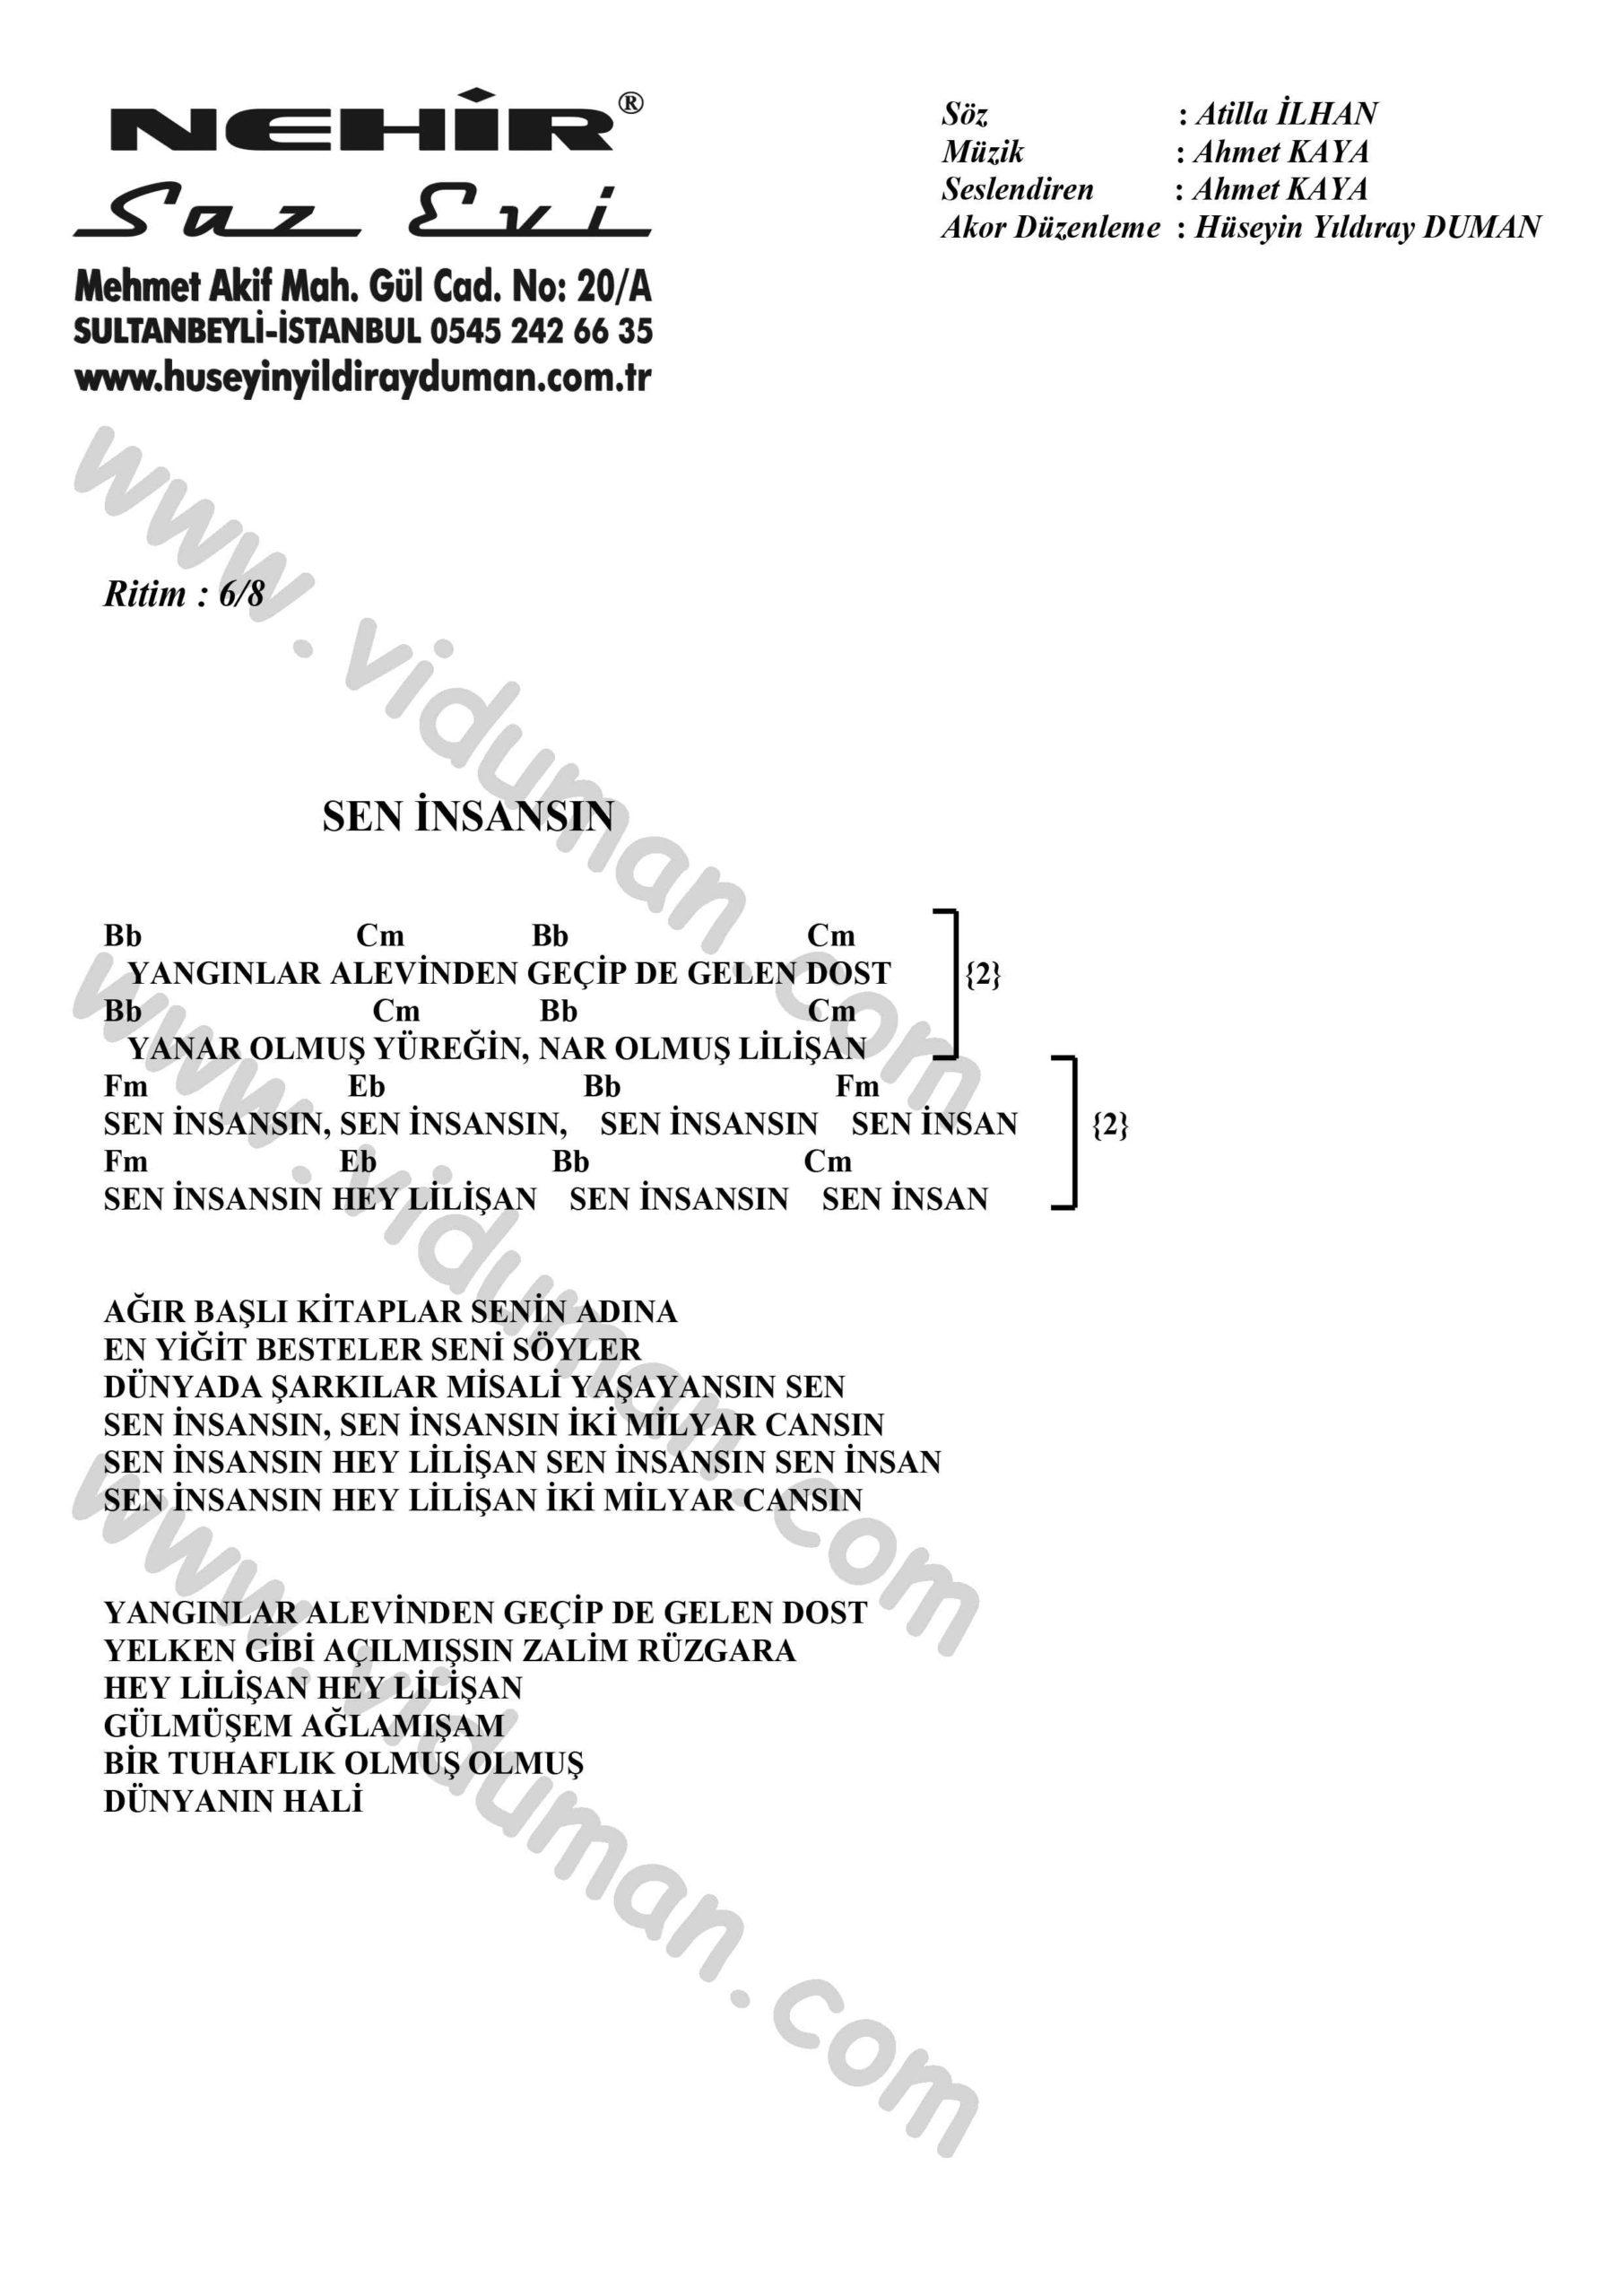 Sen Insansin-Ahmet Kaya-Ritim-Gitar-Akorlari